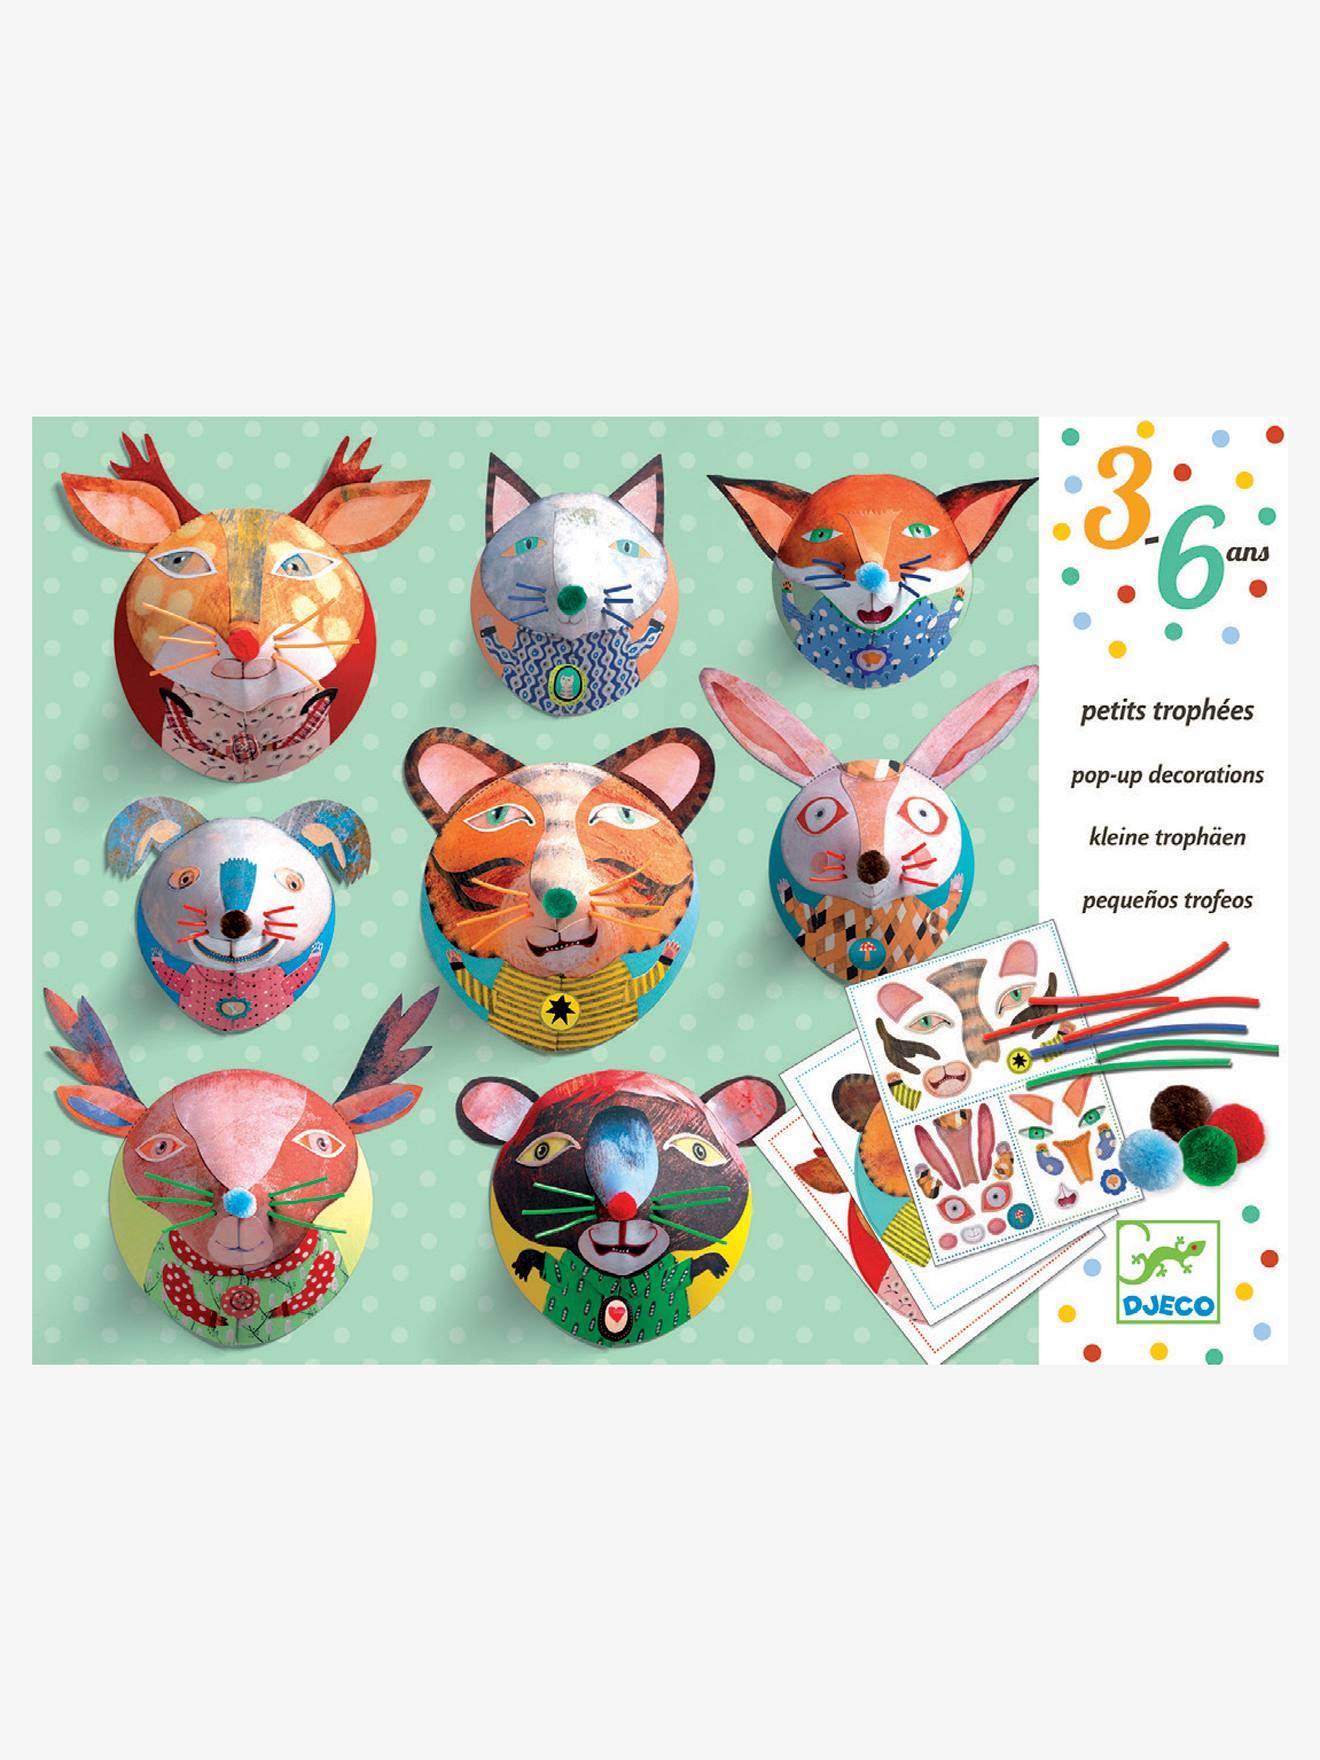 Petits trophées «Galerie de portraits» DJECO multicolore